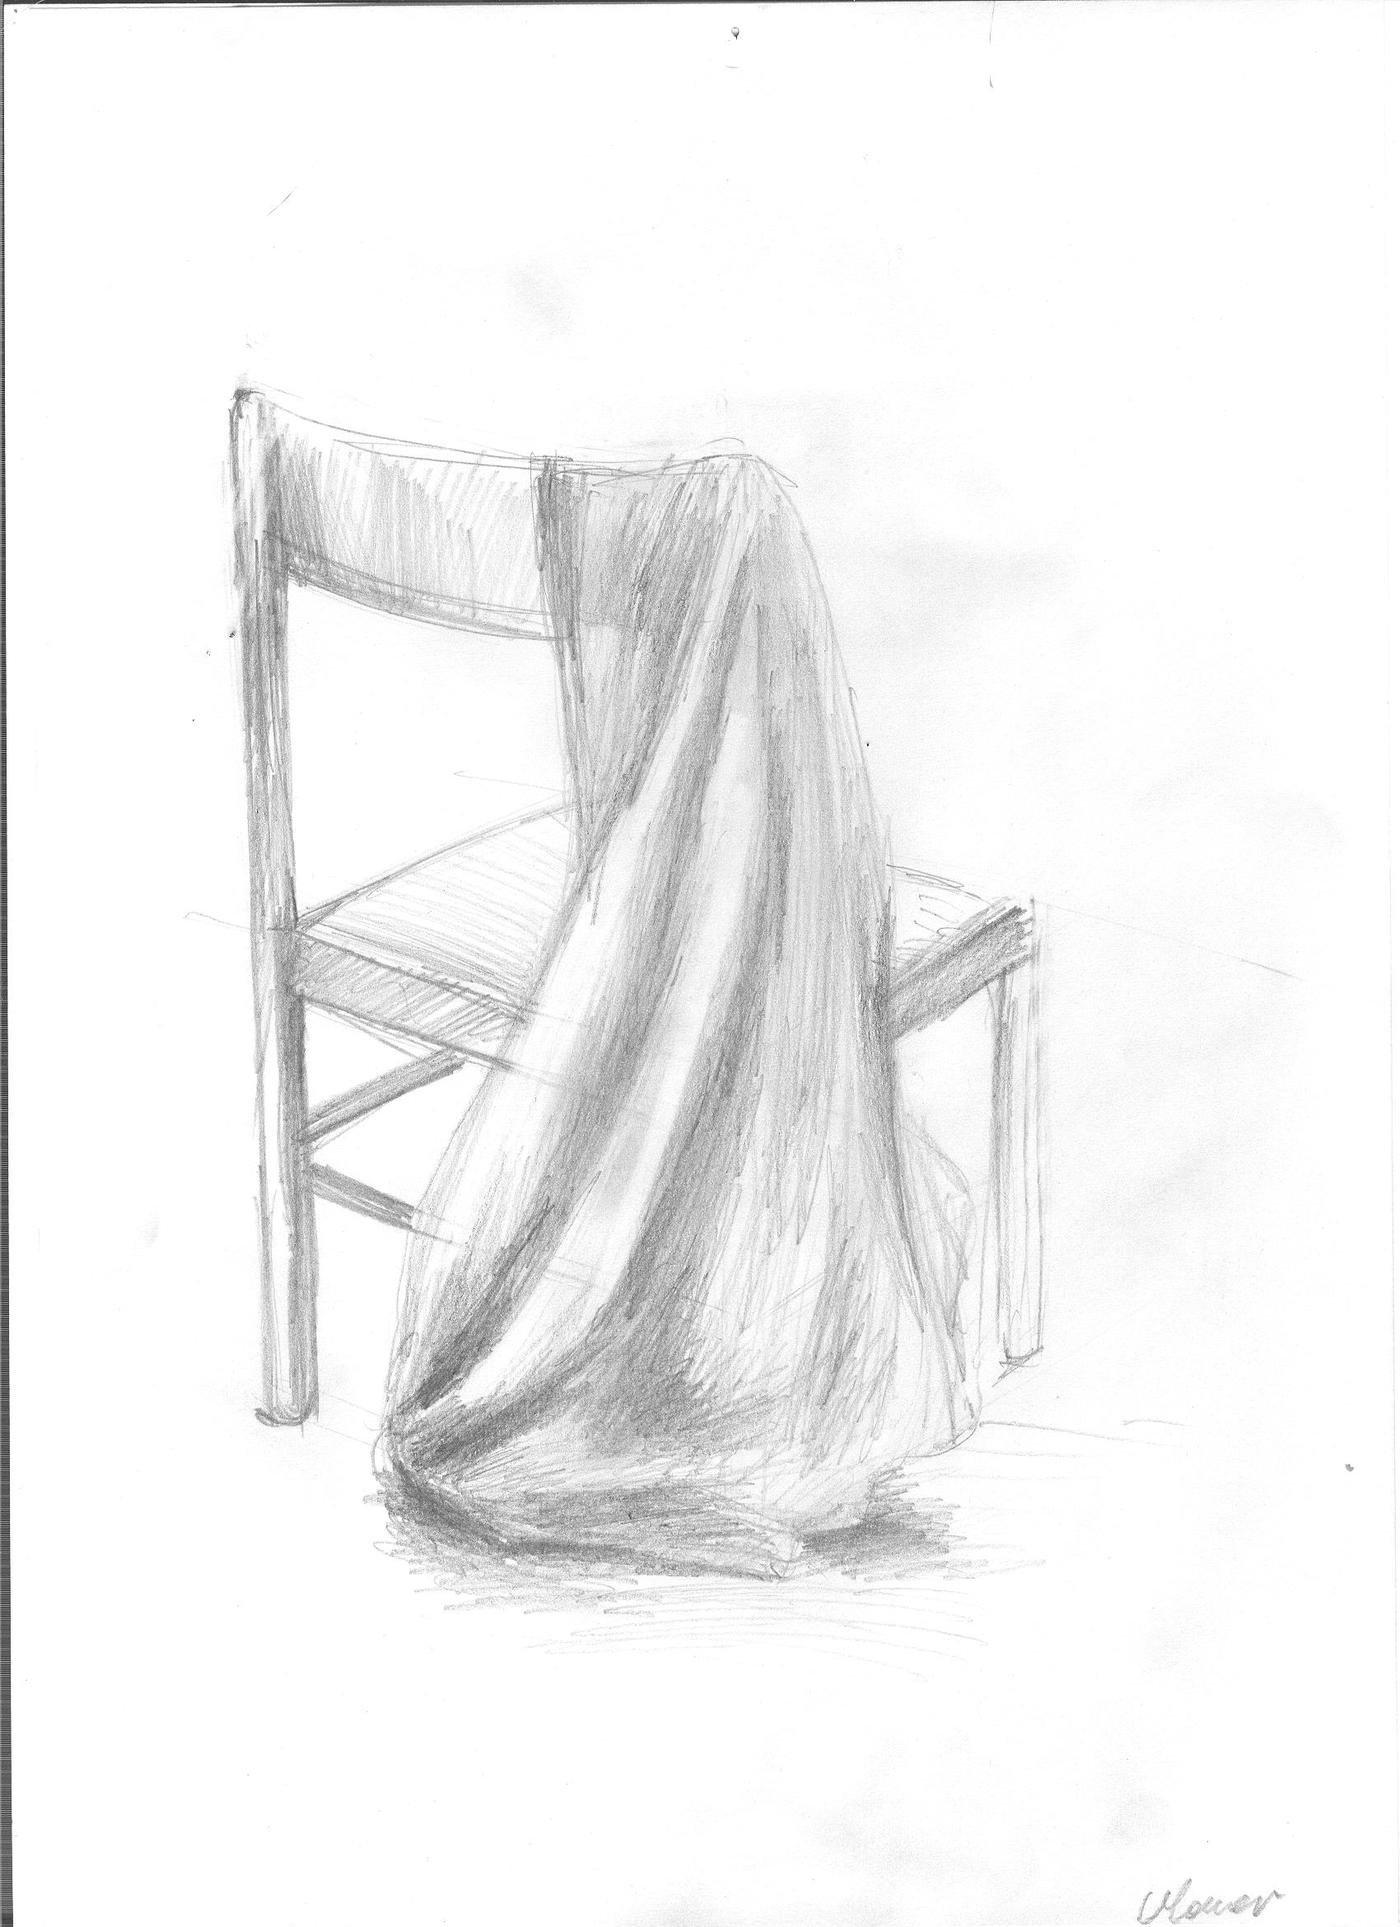 Rysunek Ołówkiem Draperia By Marta Mauer At Coroflotcom